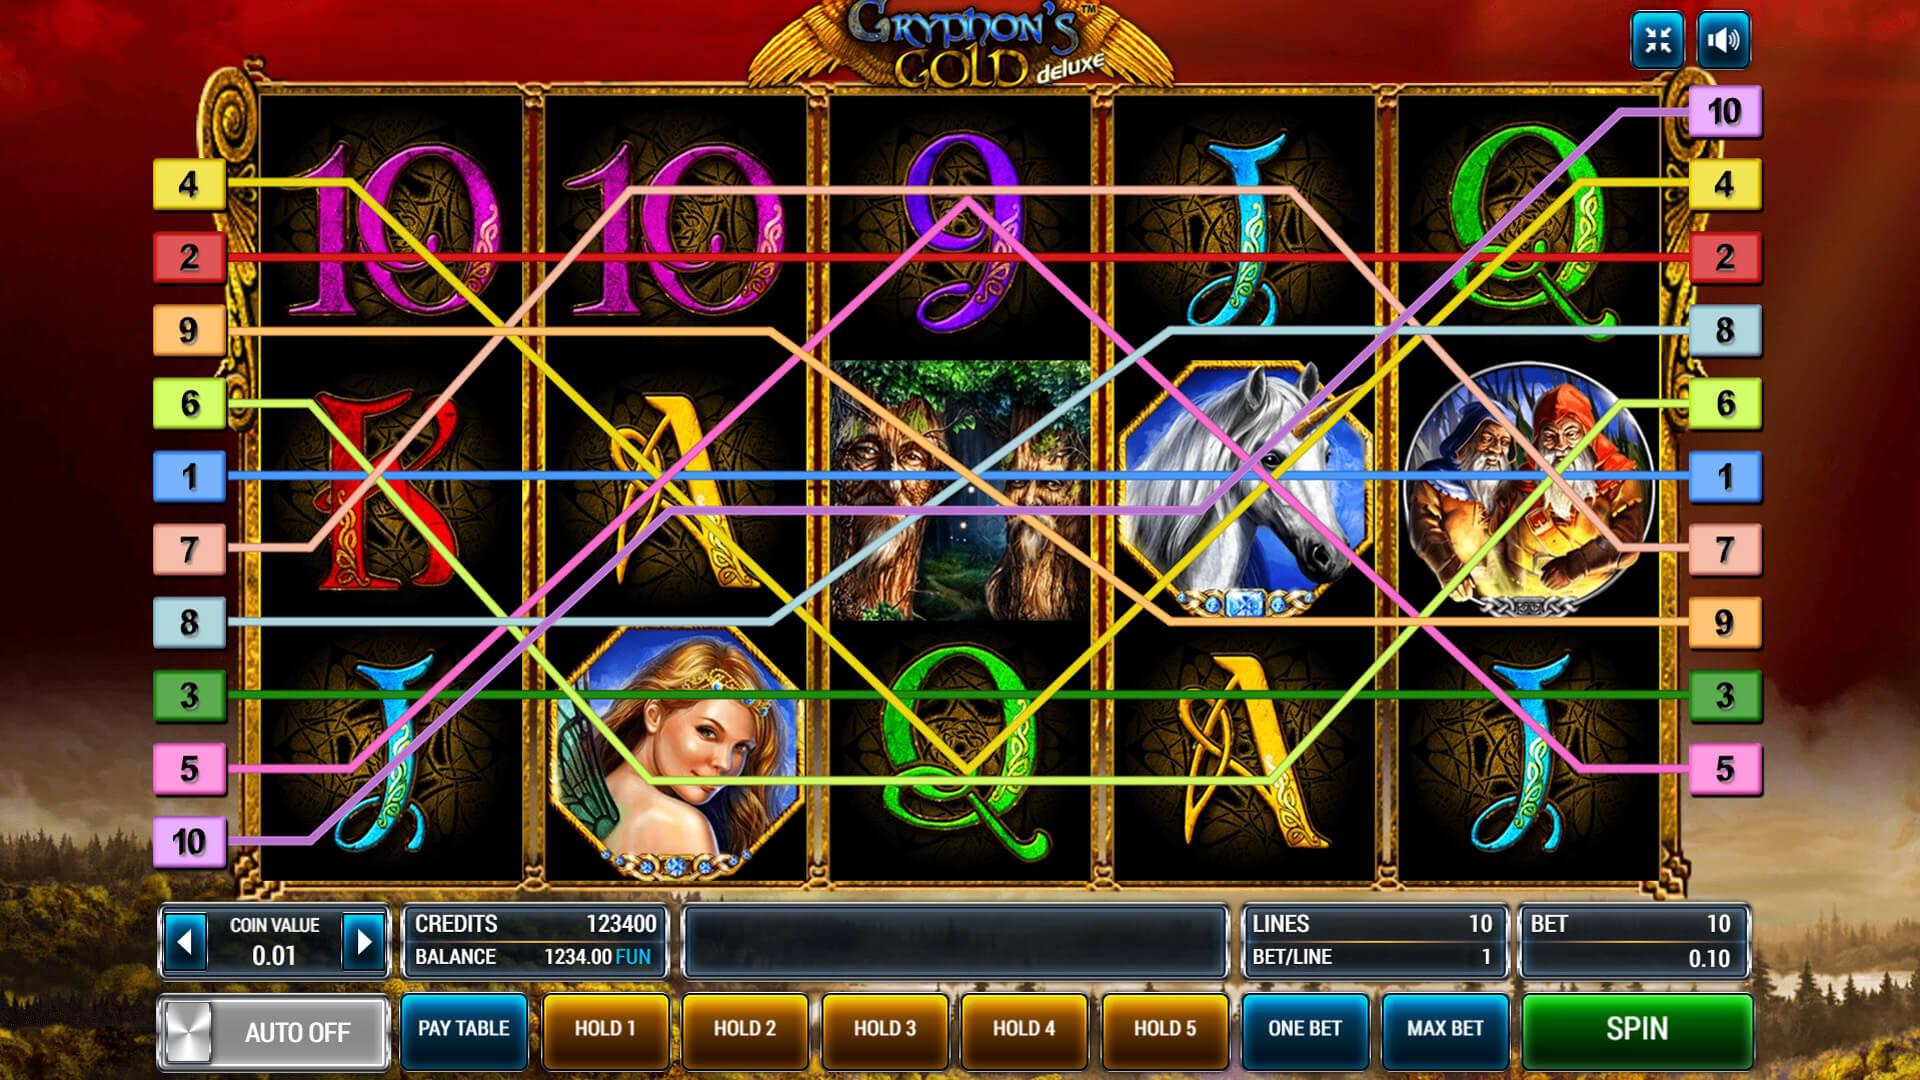 Изображение игрового автомата Gryphon's Gold Deluxe 2